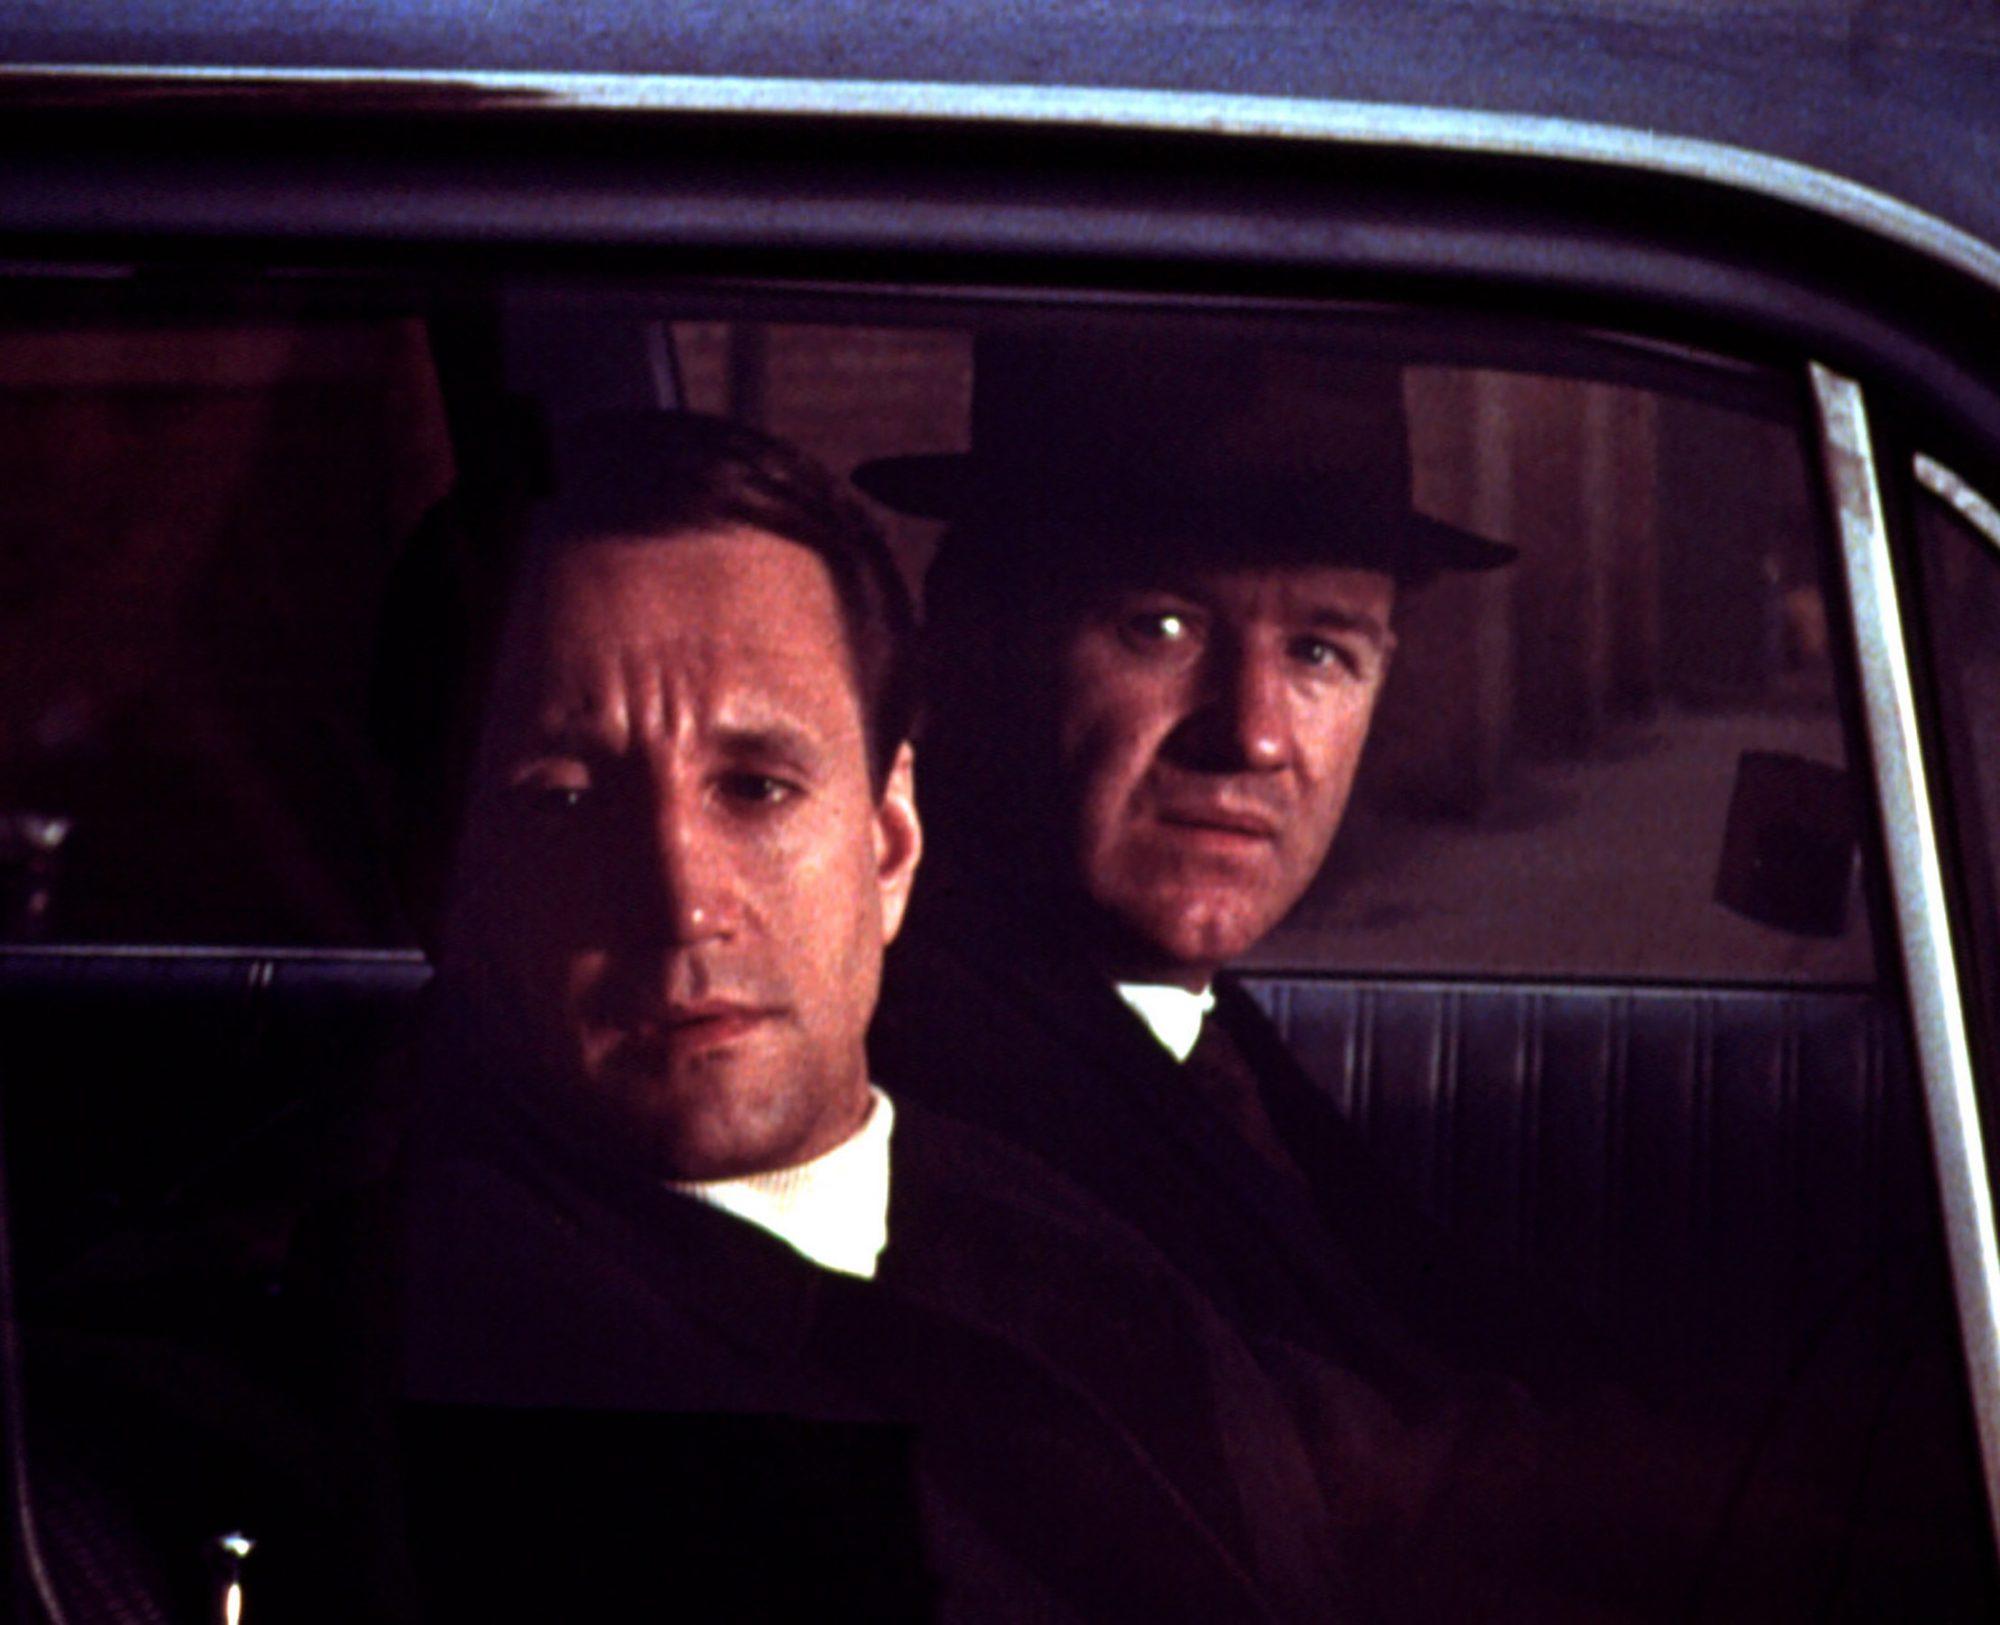 THE FRENCH CONNECTION, Roy Scheider, Gene Hackman, 1971. TM & Copyright (c) 20th Century Fox Film